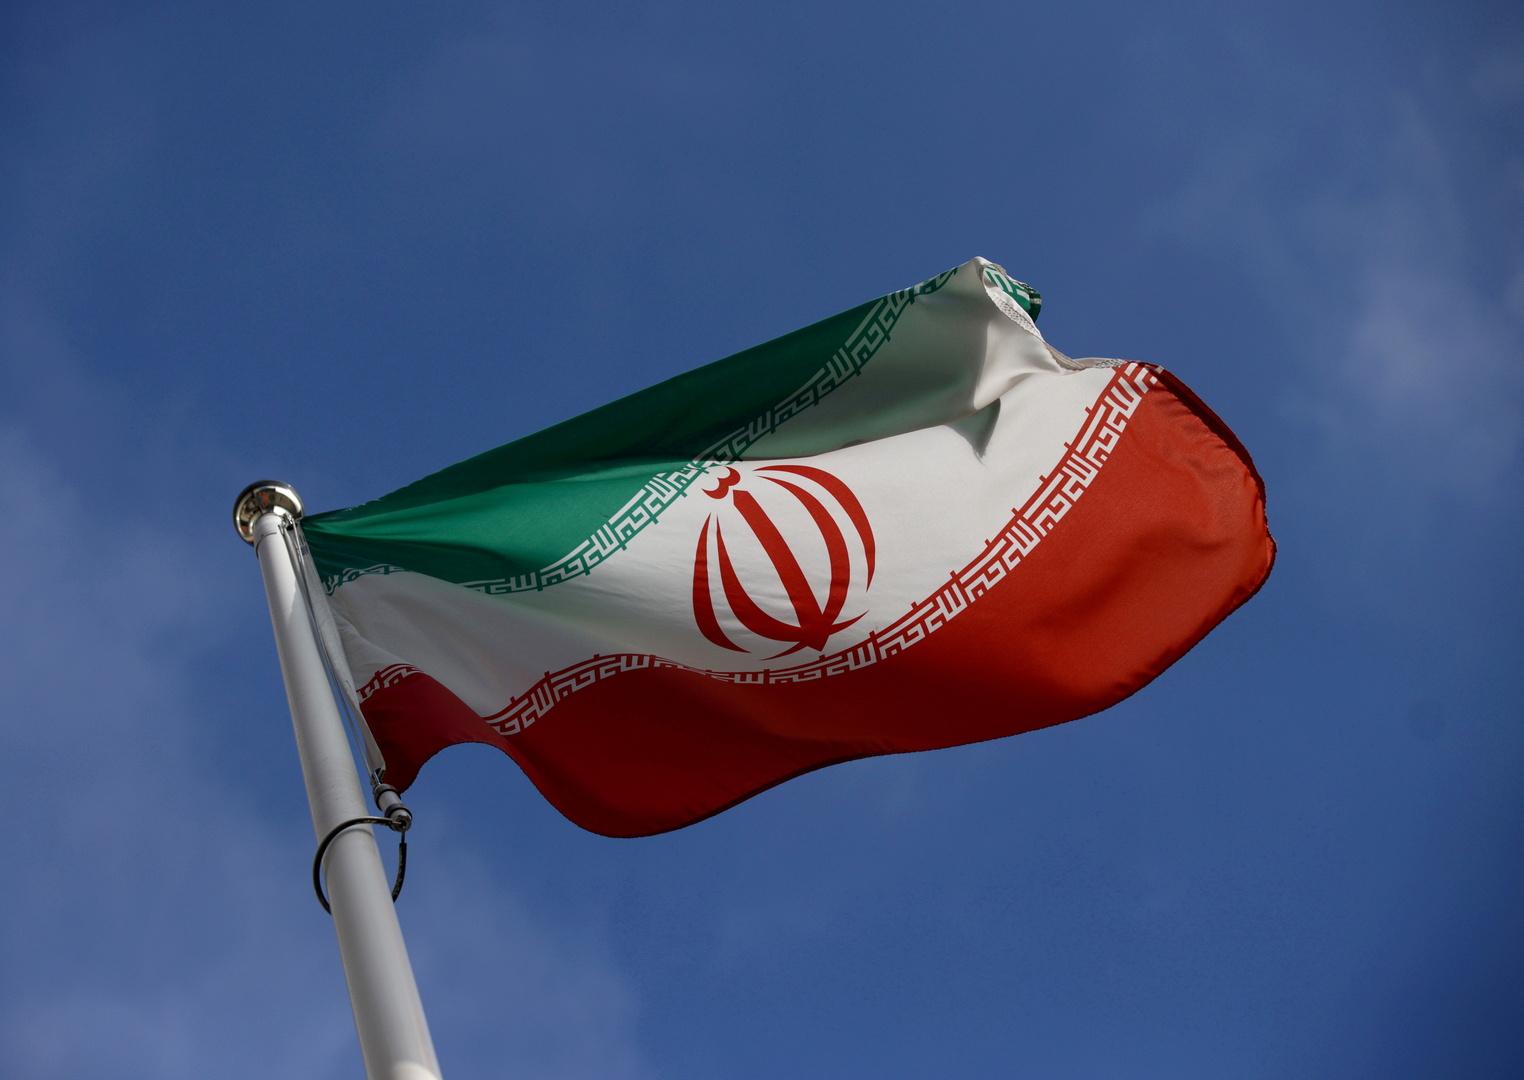 المتحدث باسم الخارجية الإيرانية: طهران سترد على أي مغامرة محتملة فورا وبقوة